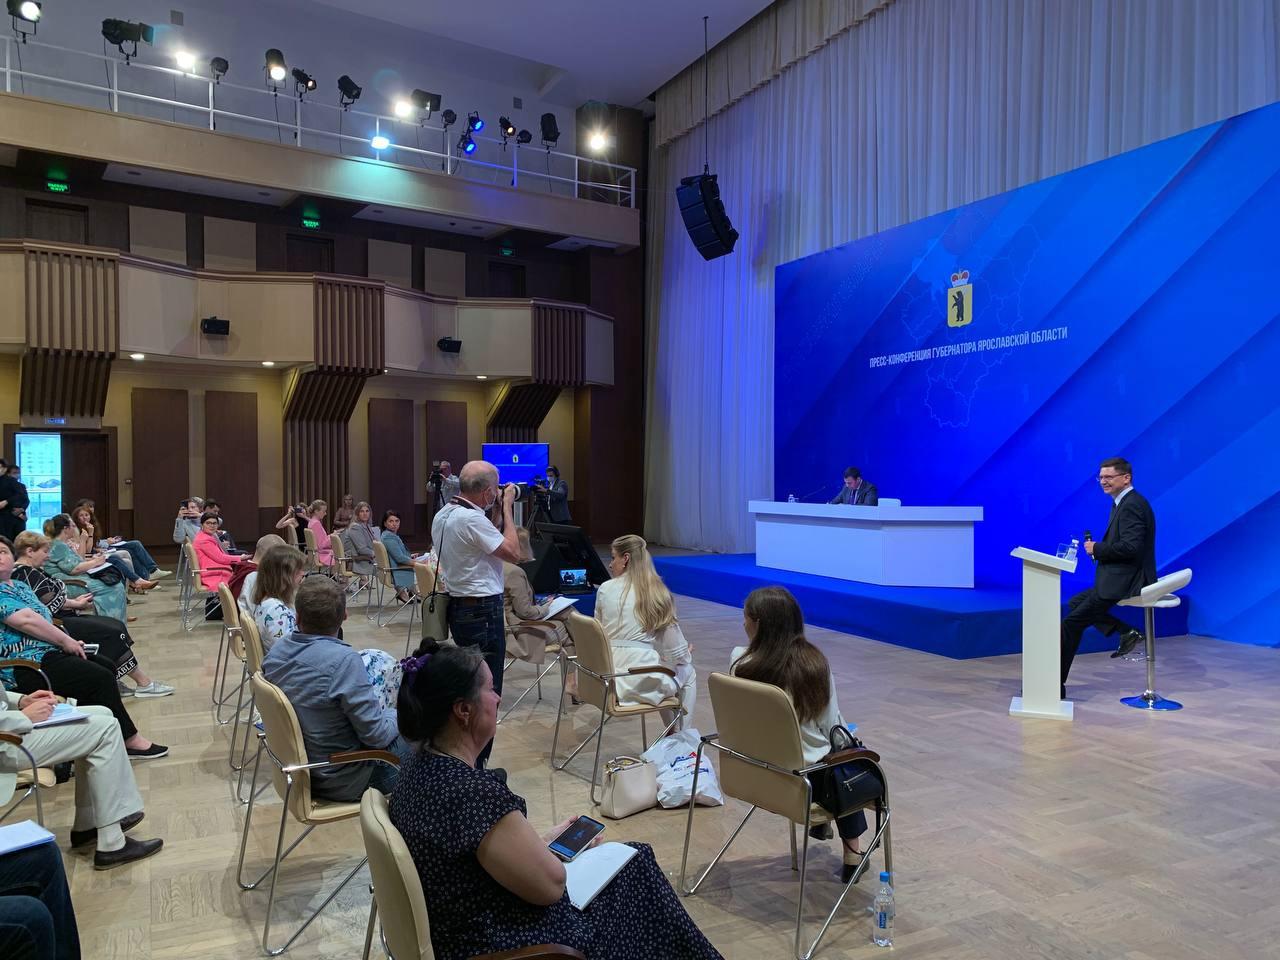 Дмитрий Миронов о будущих выборах губернатора: «Главное – это не выборы, а работа на благо региона»